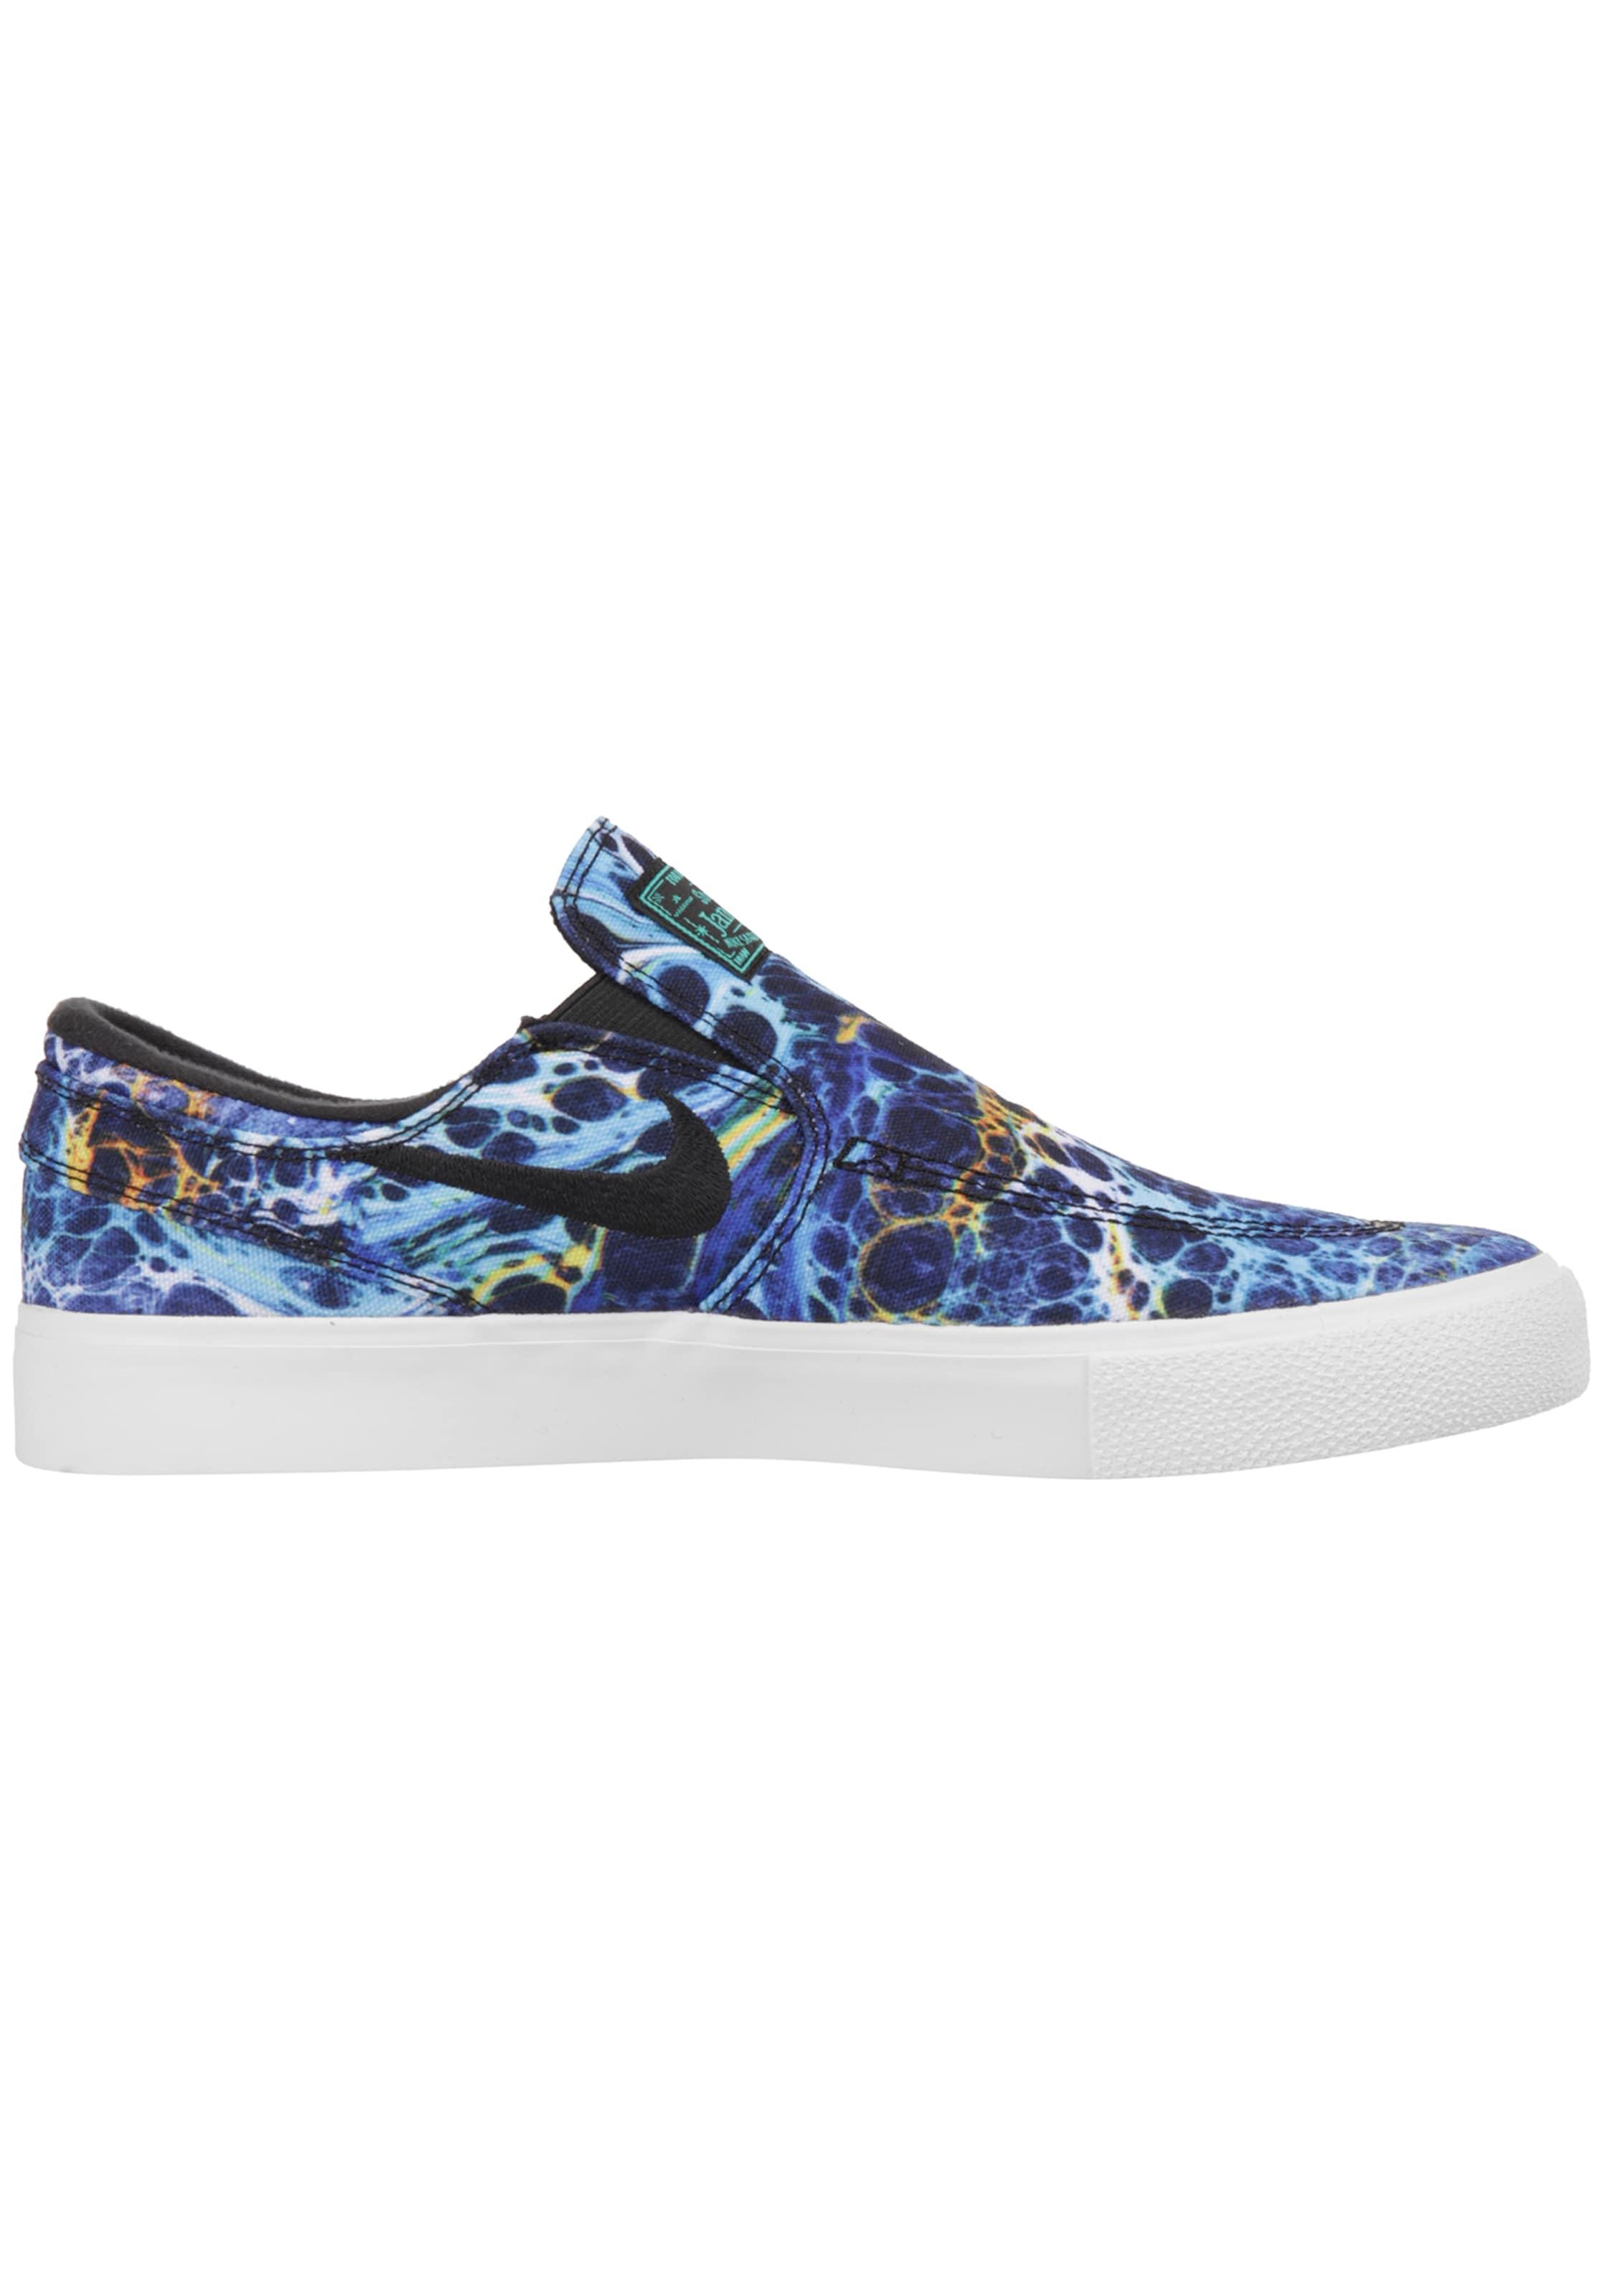 In BlauMischfarben Nike Sneaker 'janoski' Sb 7yYbfIm6gv